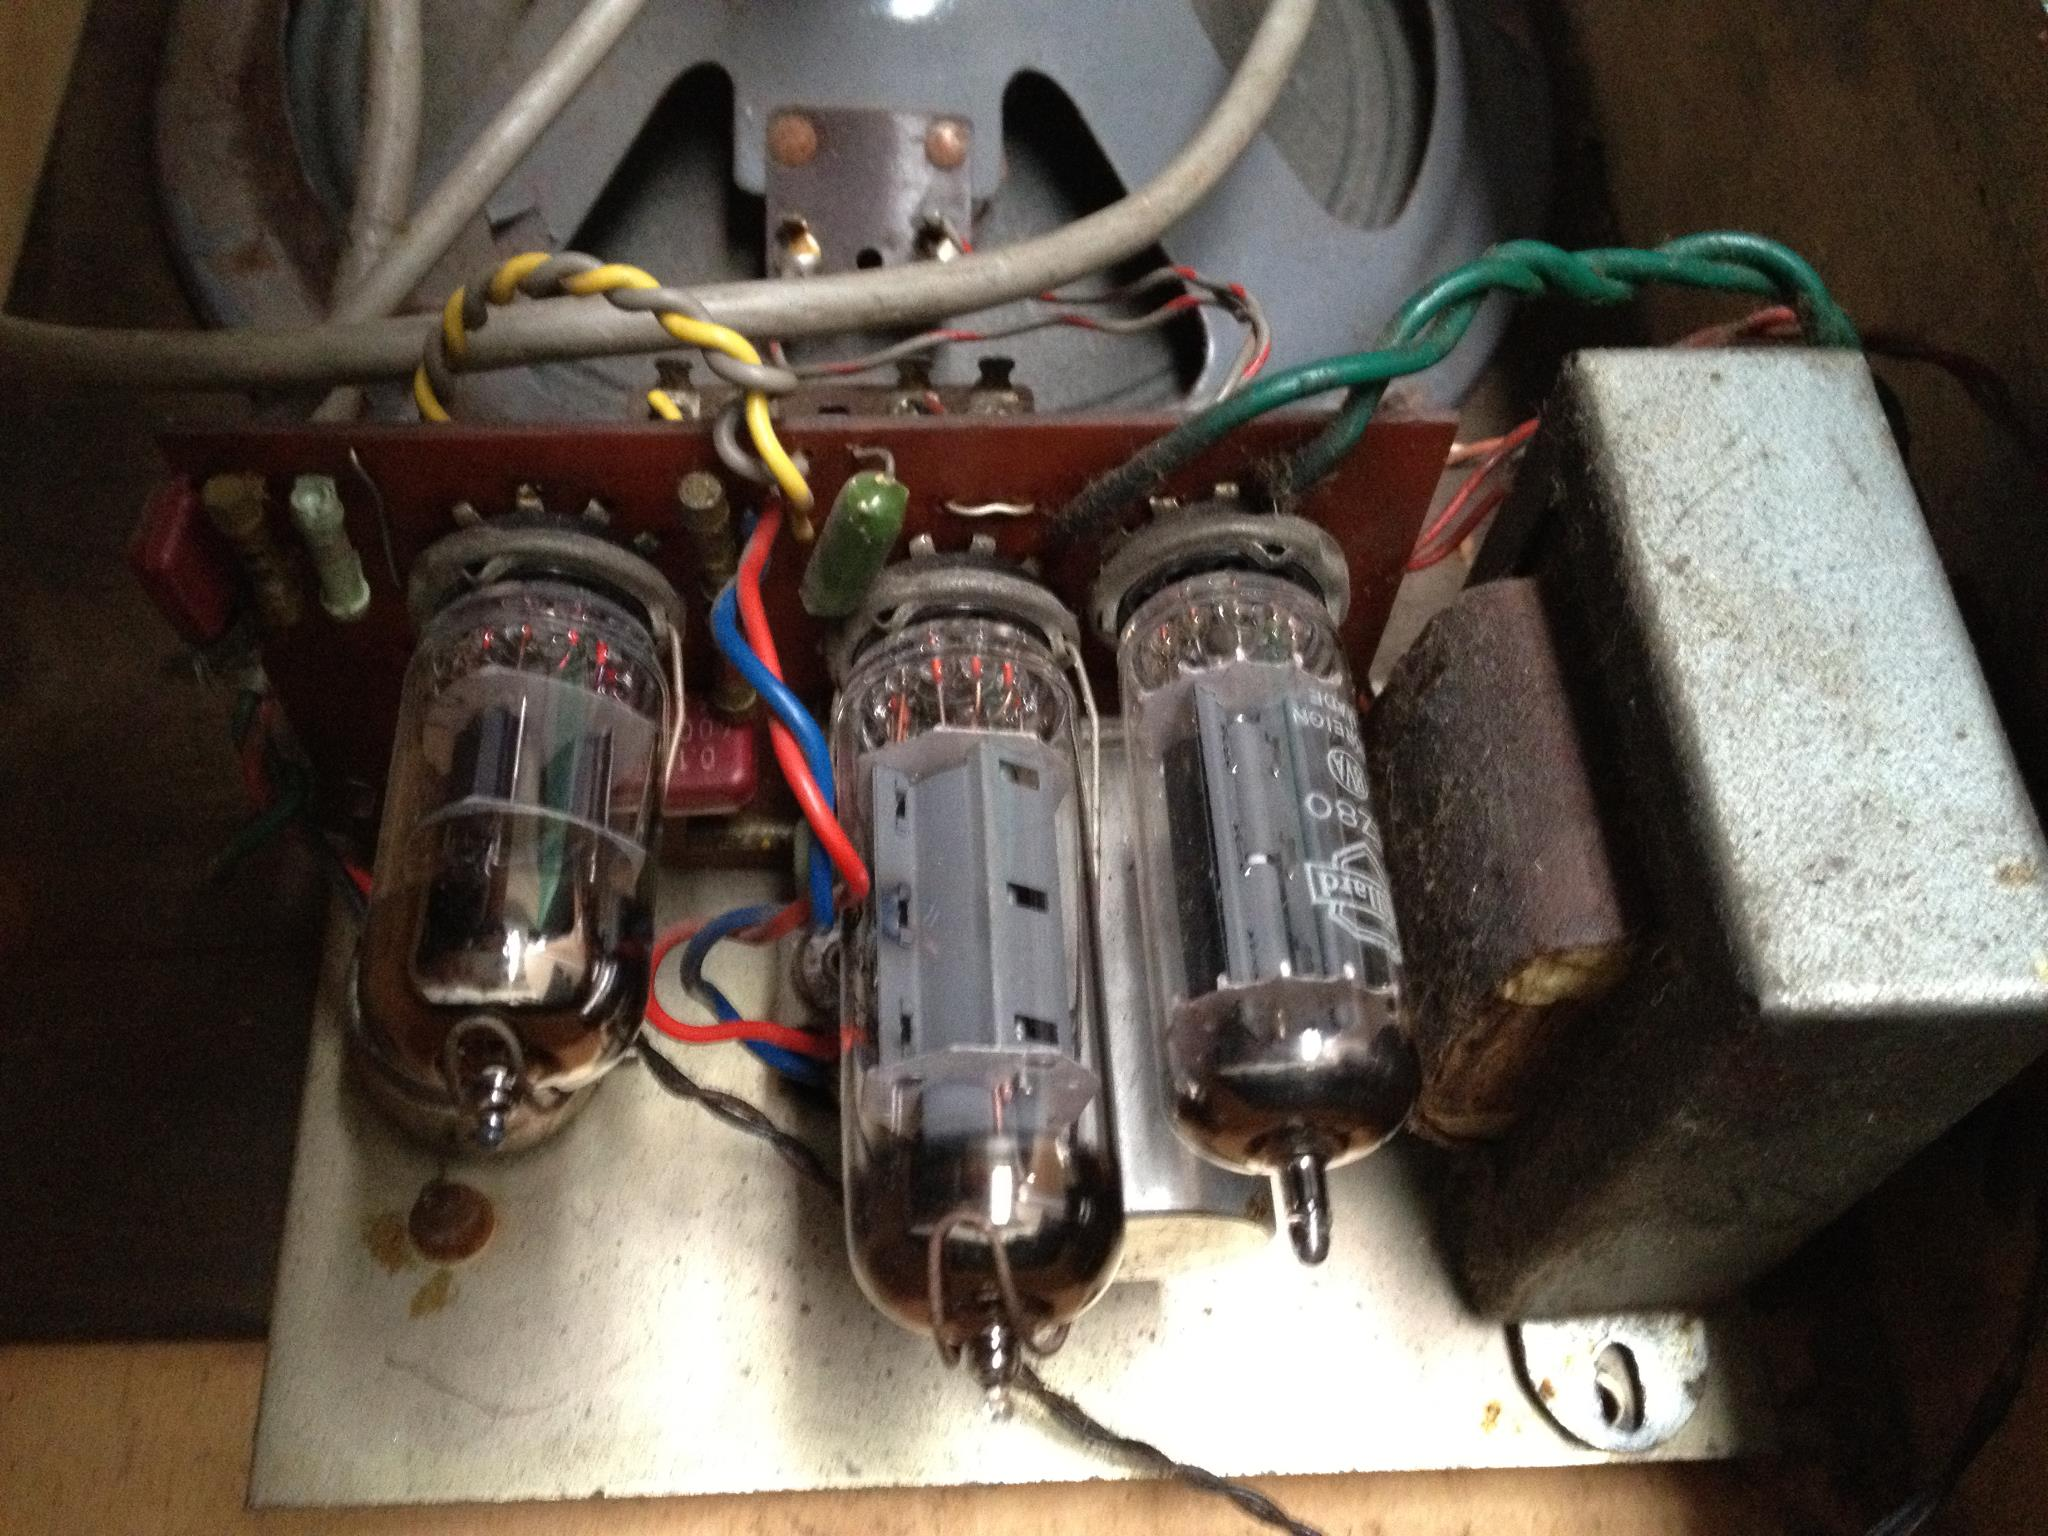 Old valve amplifier inside